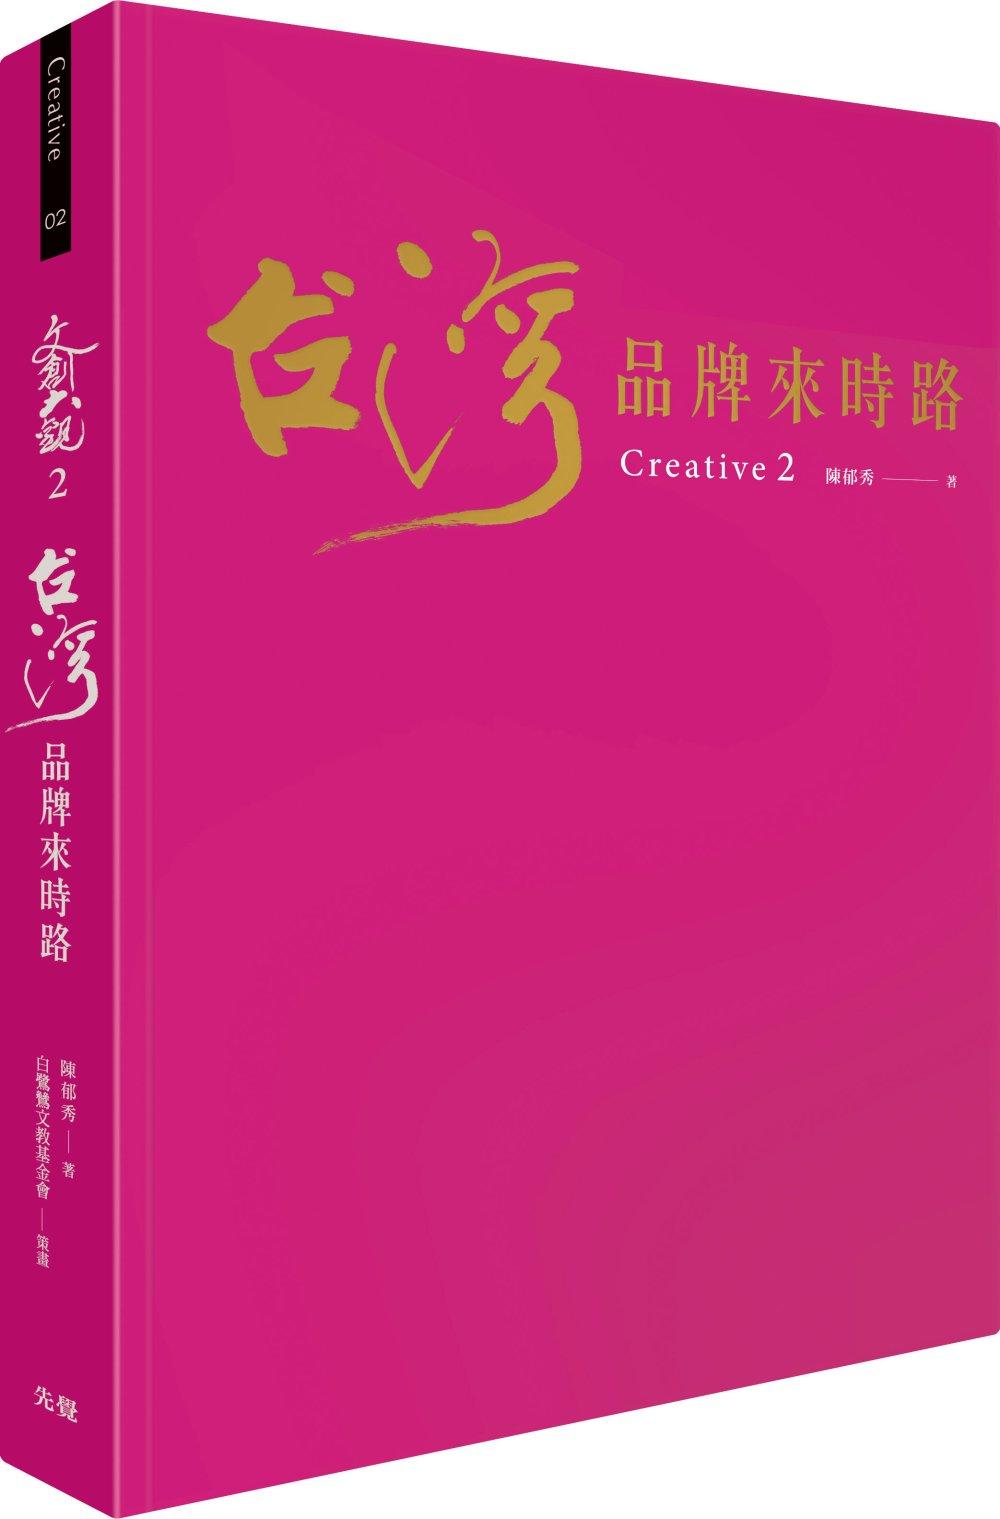 文創大觀2:台灣品牌來時路